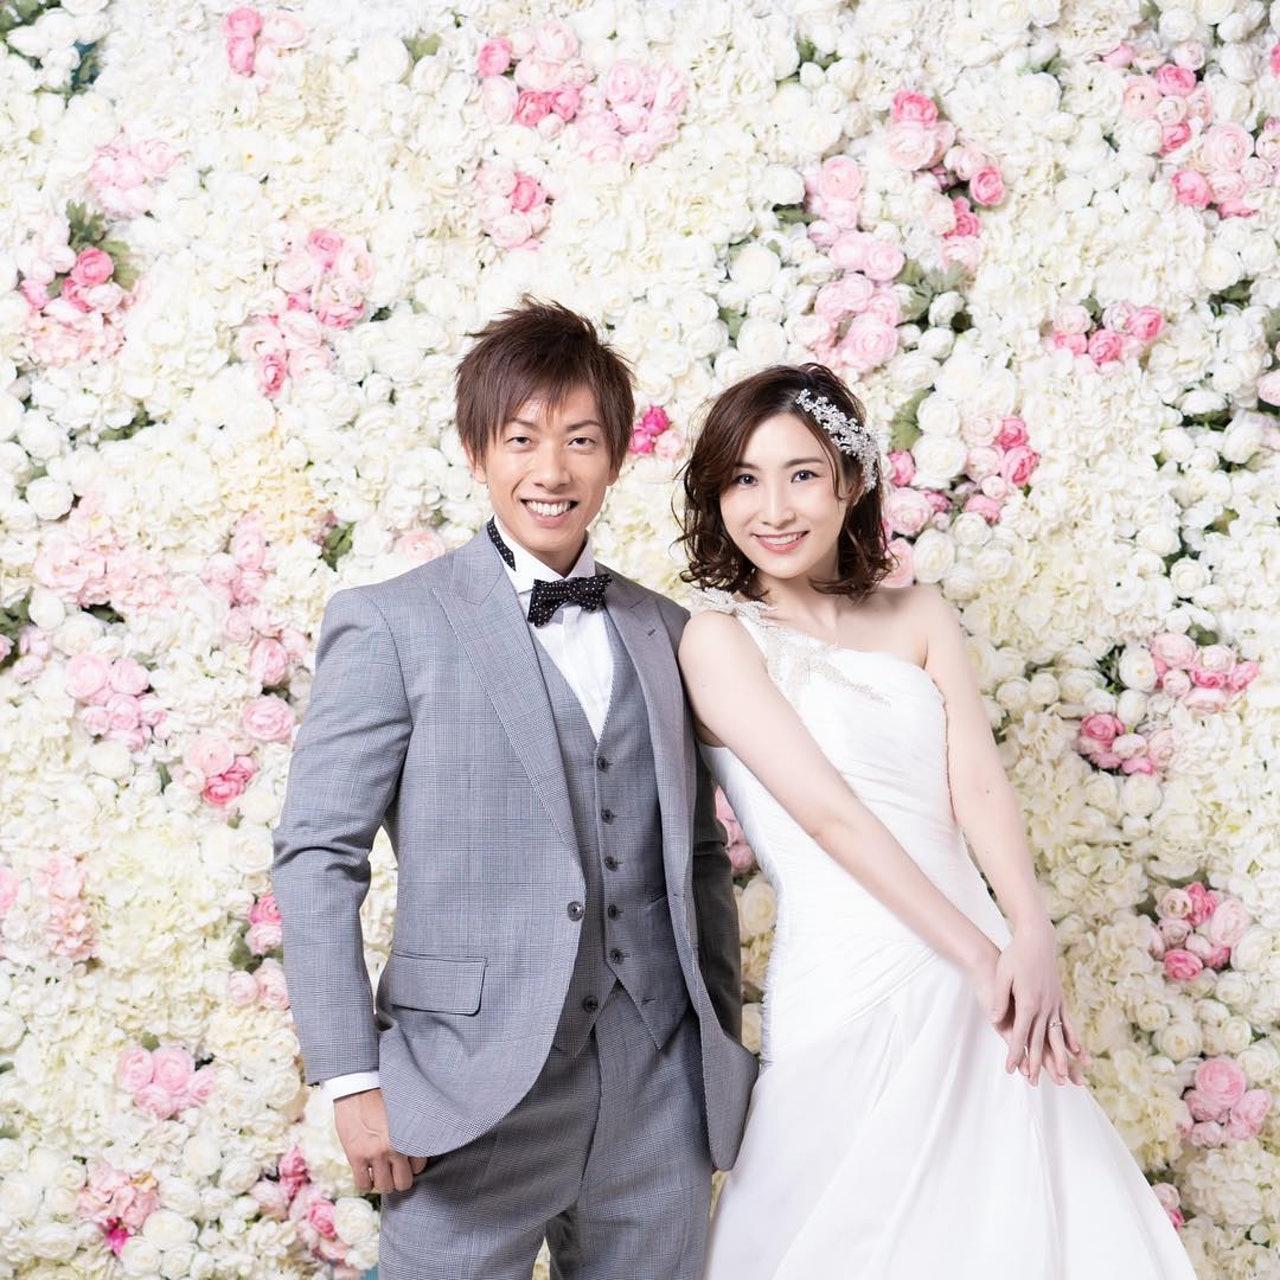 跟男優結婚遭酸「老公天天出軌」清水健老婆霸氣回:「做愛是他的才能!」